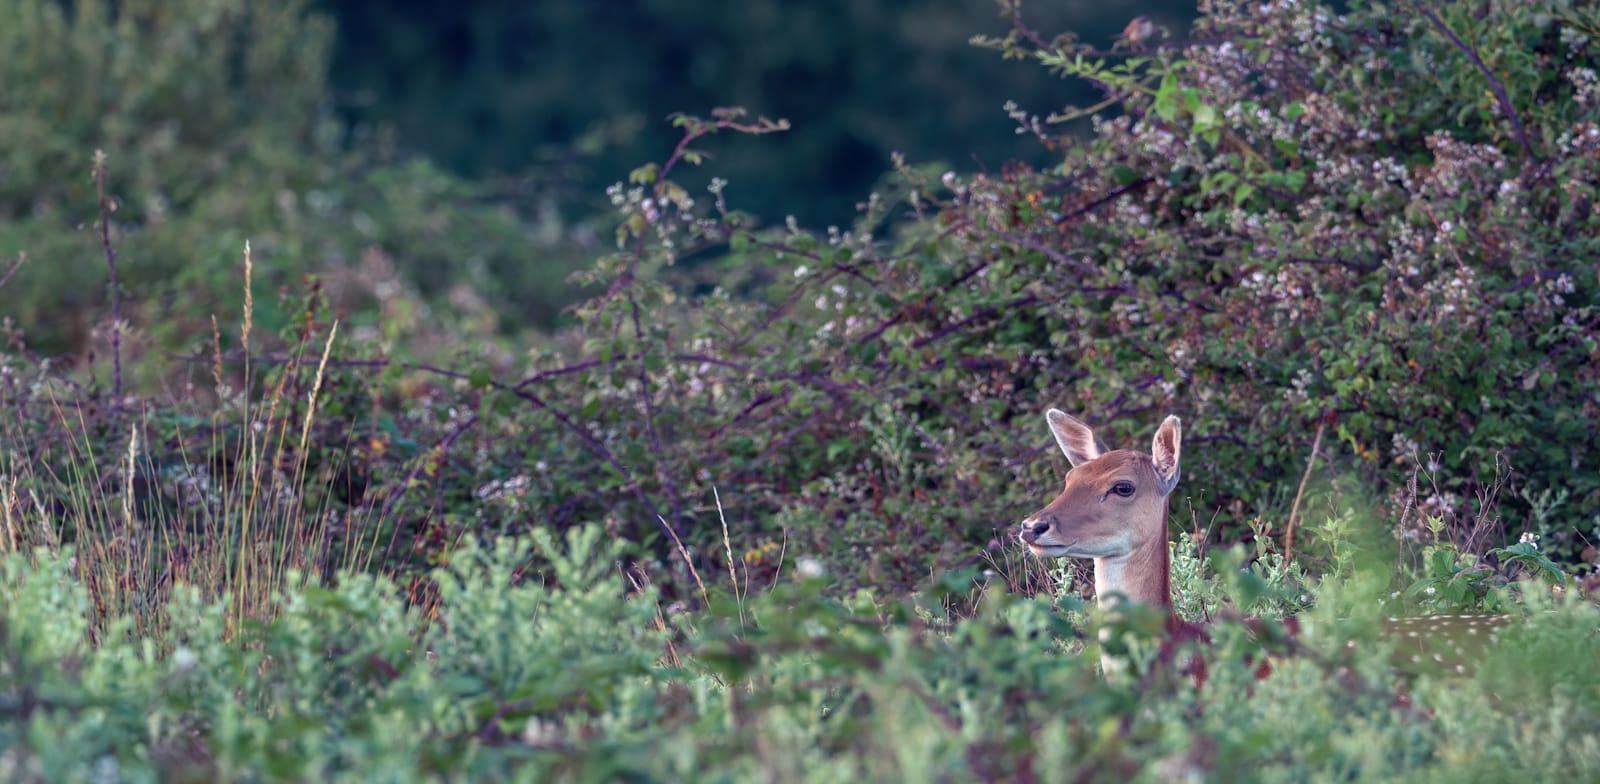 צבי באזור שעובר ReWilding בבריטניה / צילום: Shutterstock, SciPhi.tv